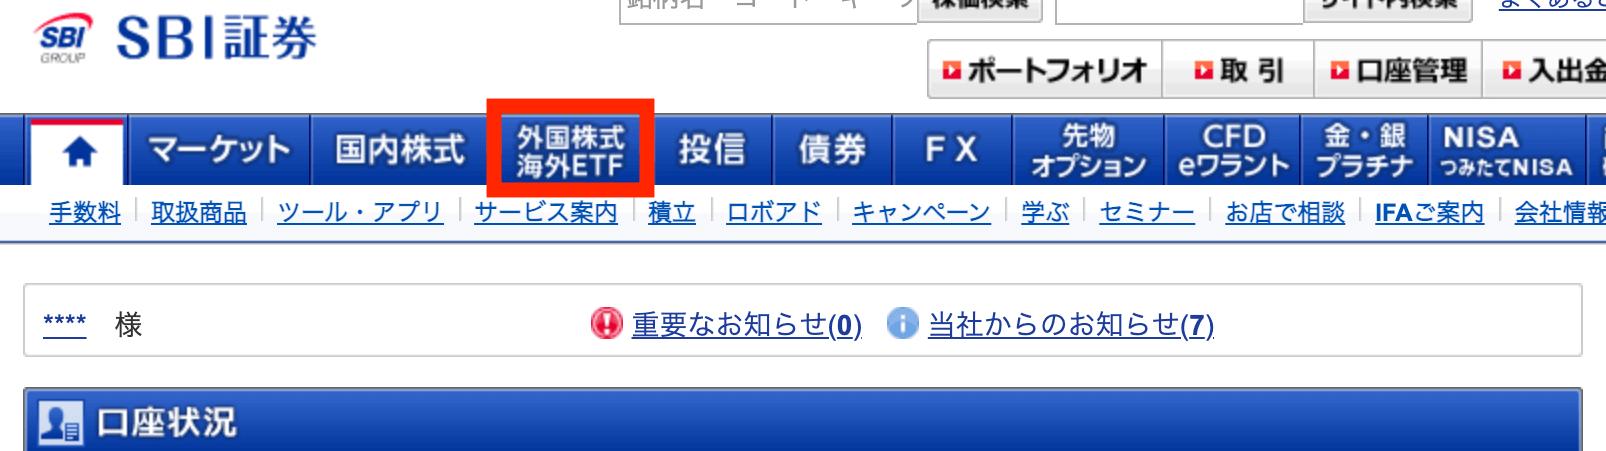 SBI証券ETF